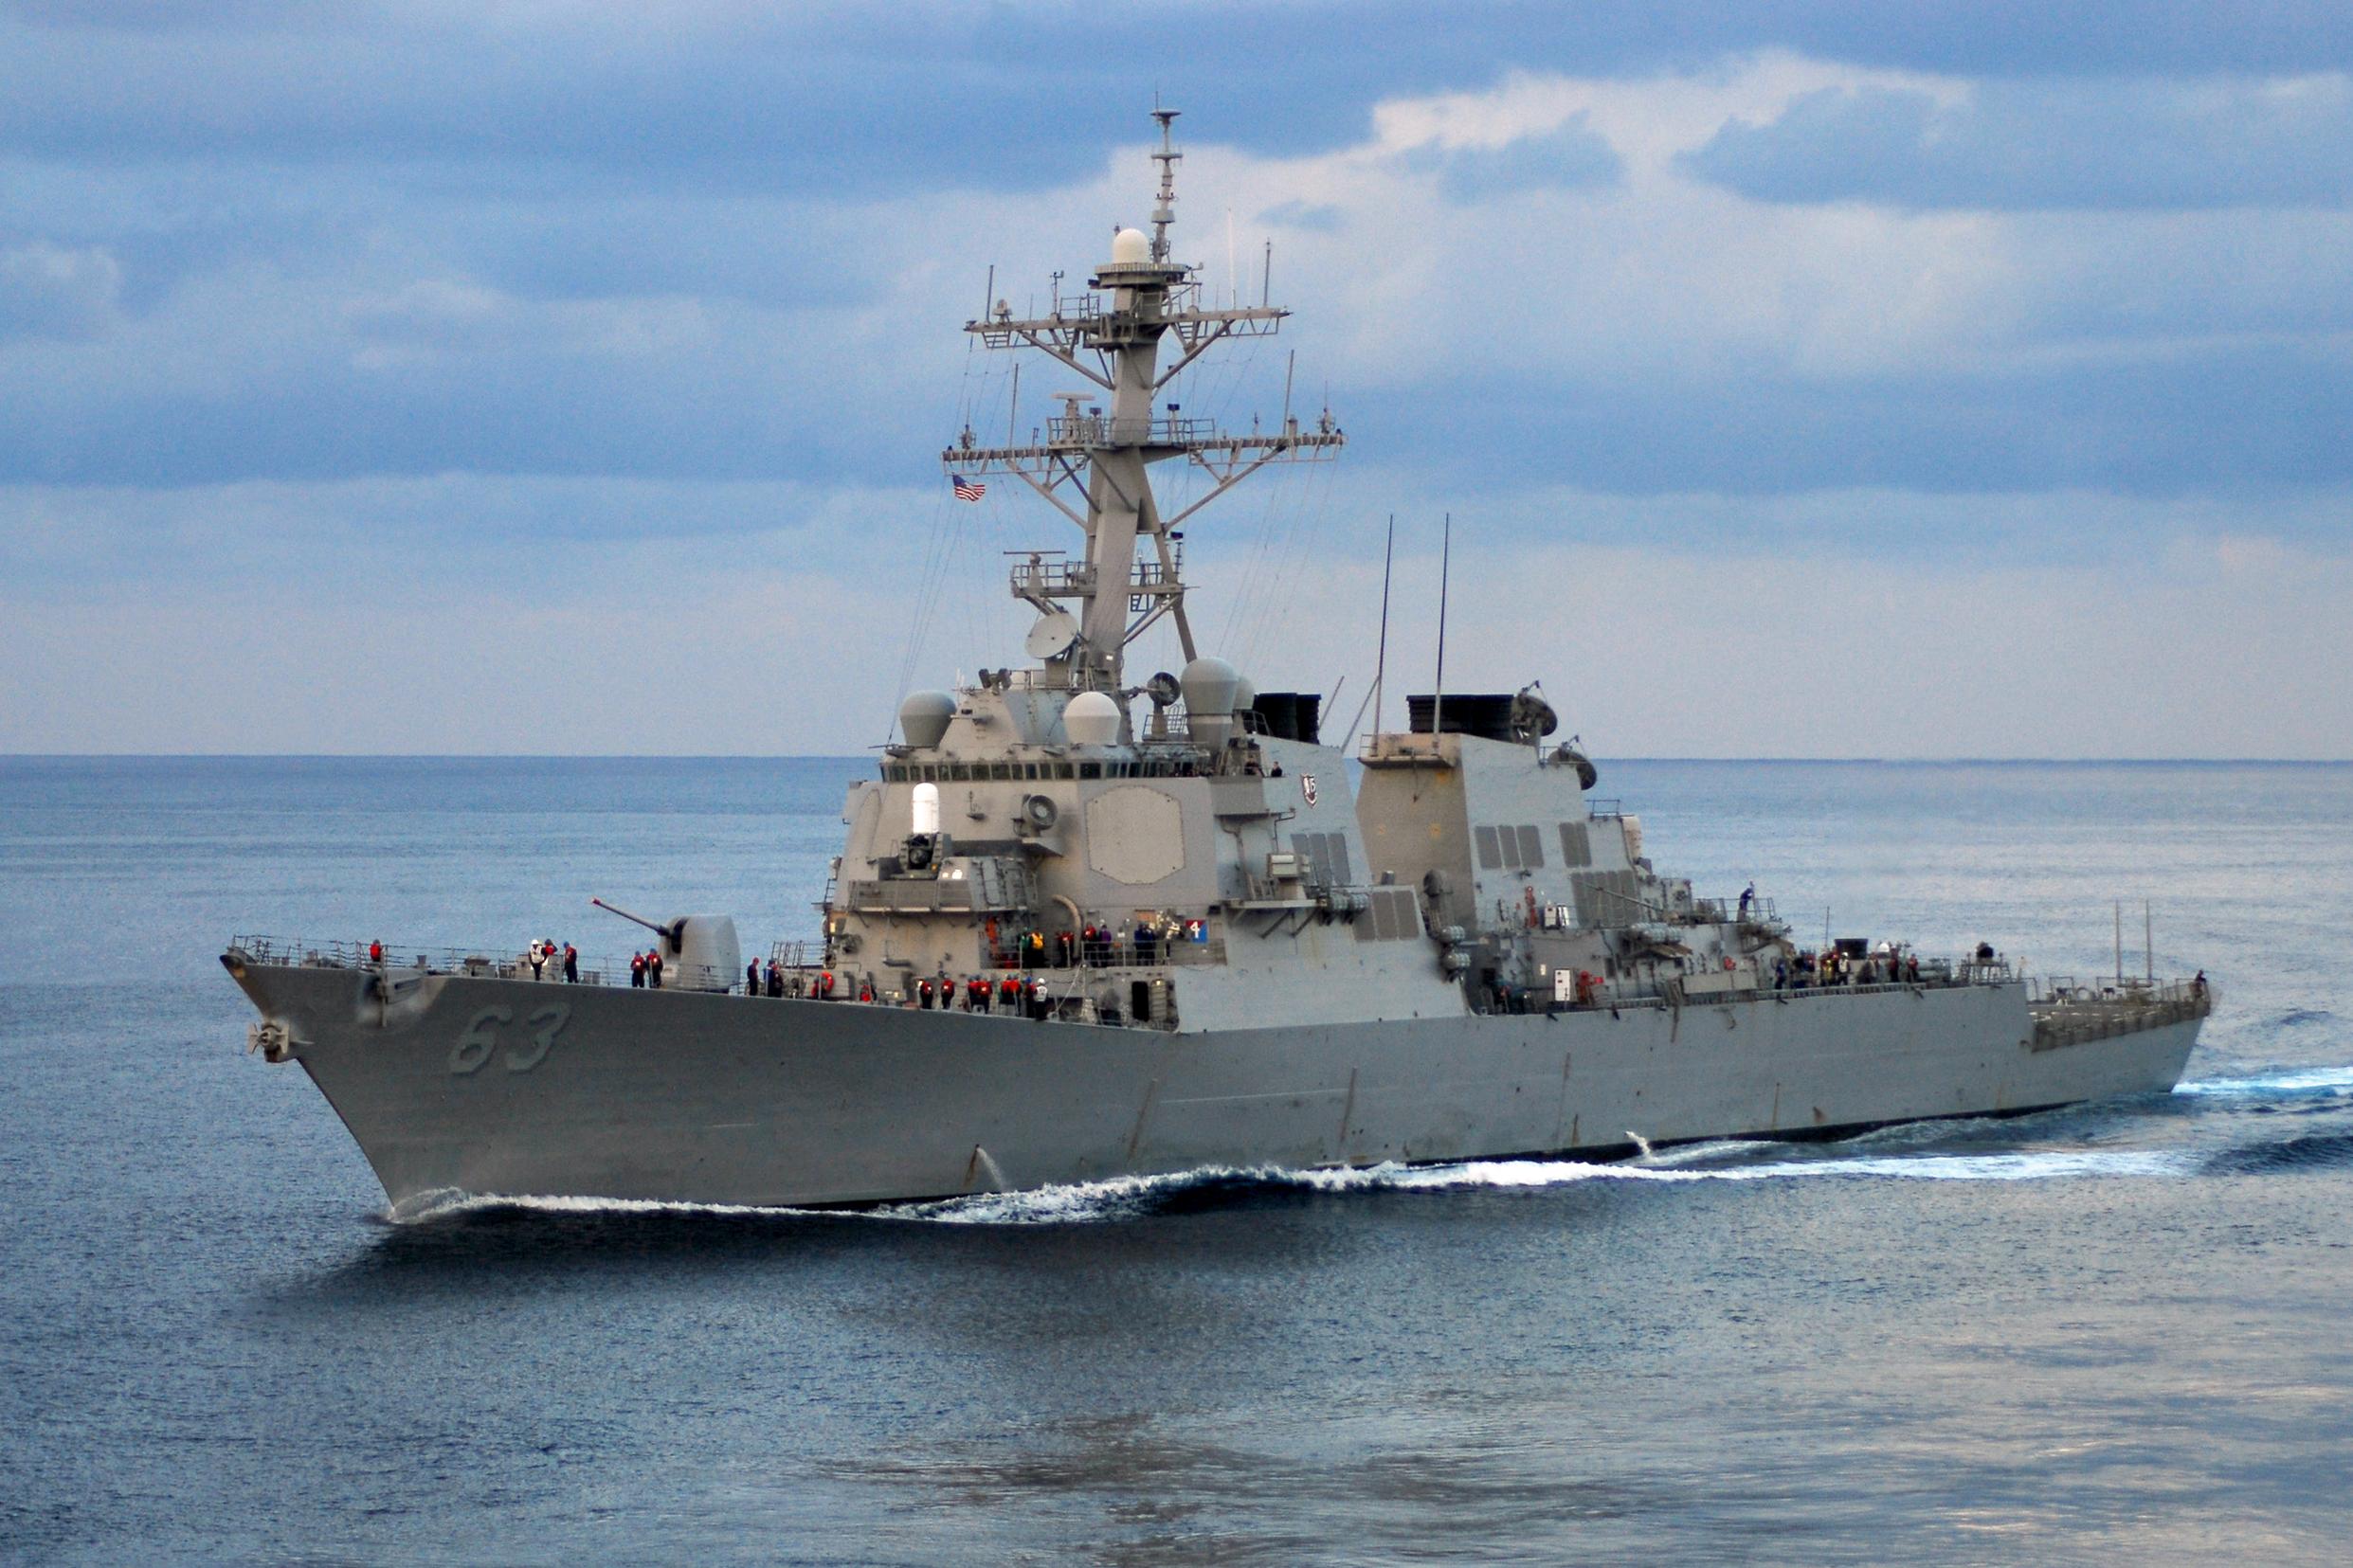 Истребители и корабли КНР сделали предупреждение эсминцу США в Южно-Китайском море